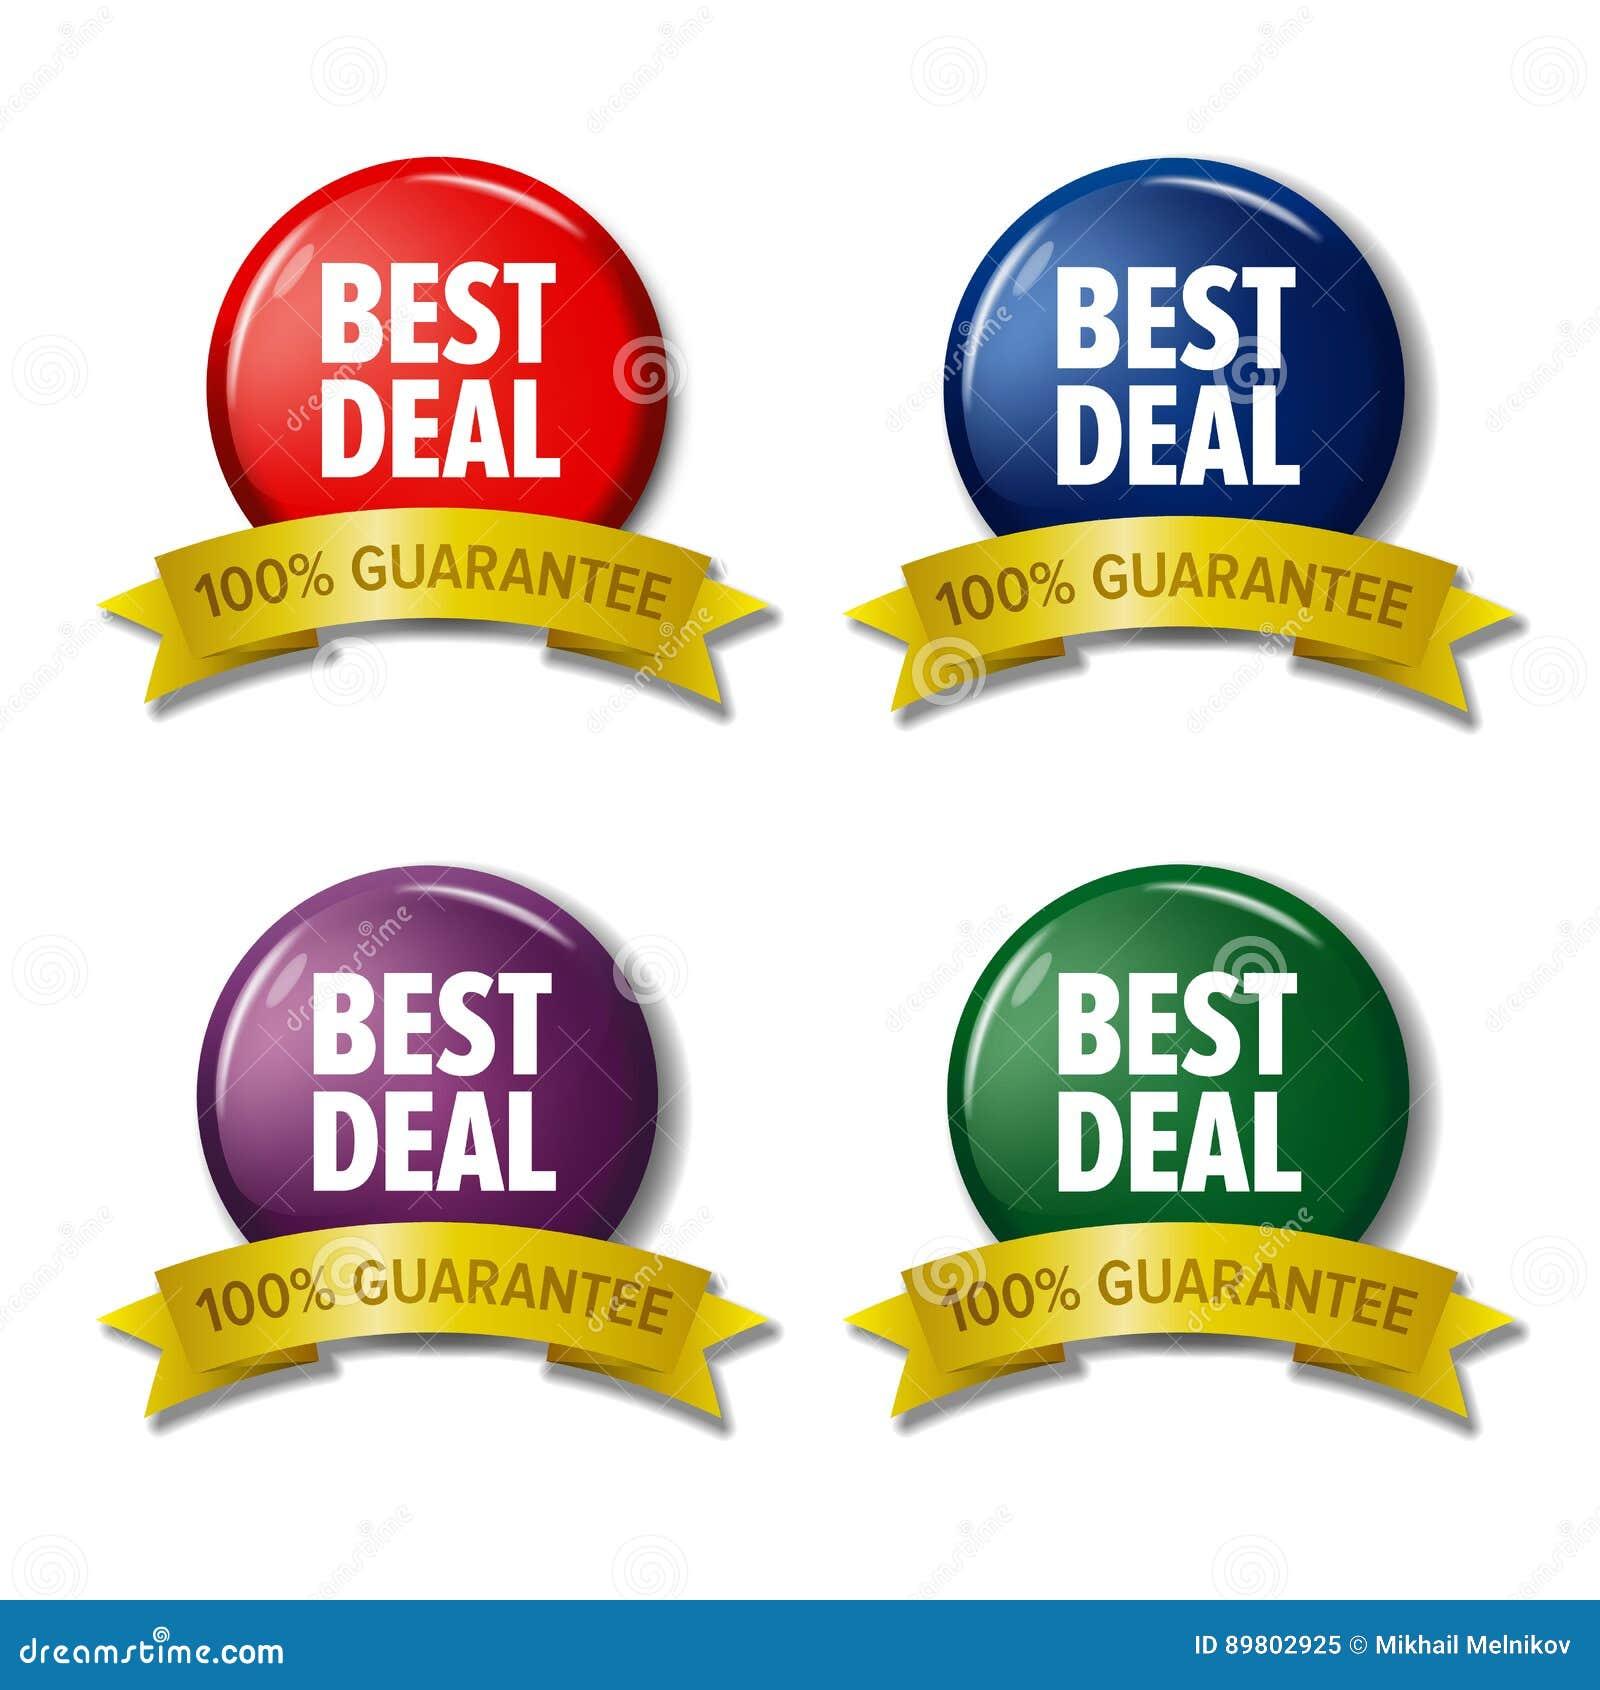 Farbige Aufkleber mit Wörter ` bestem Abkommen `, Rabatt etikettiert